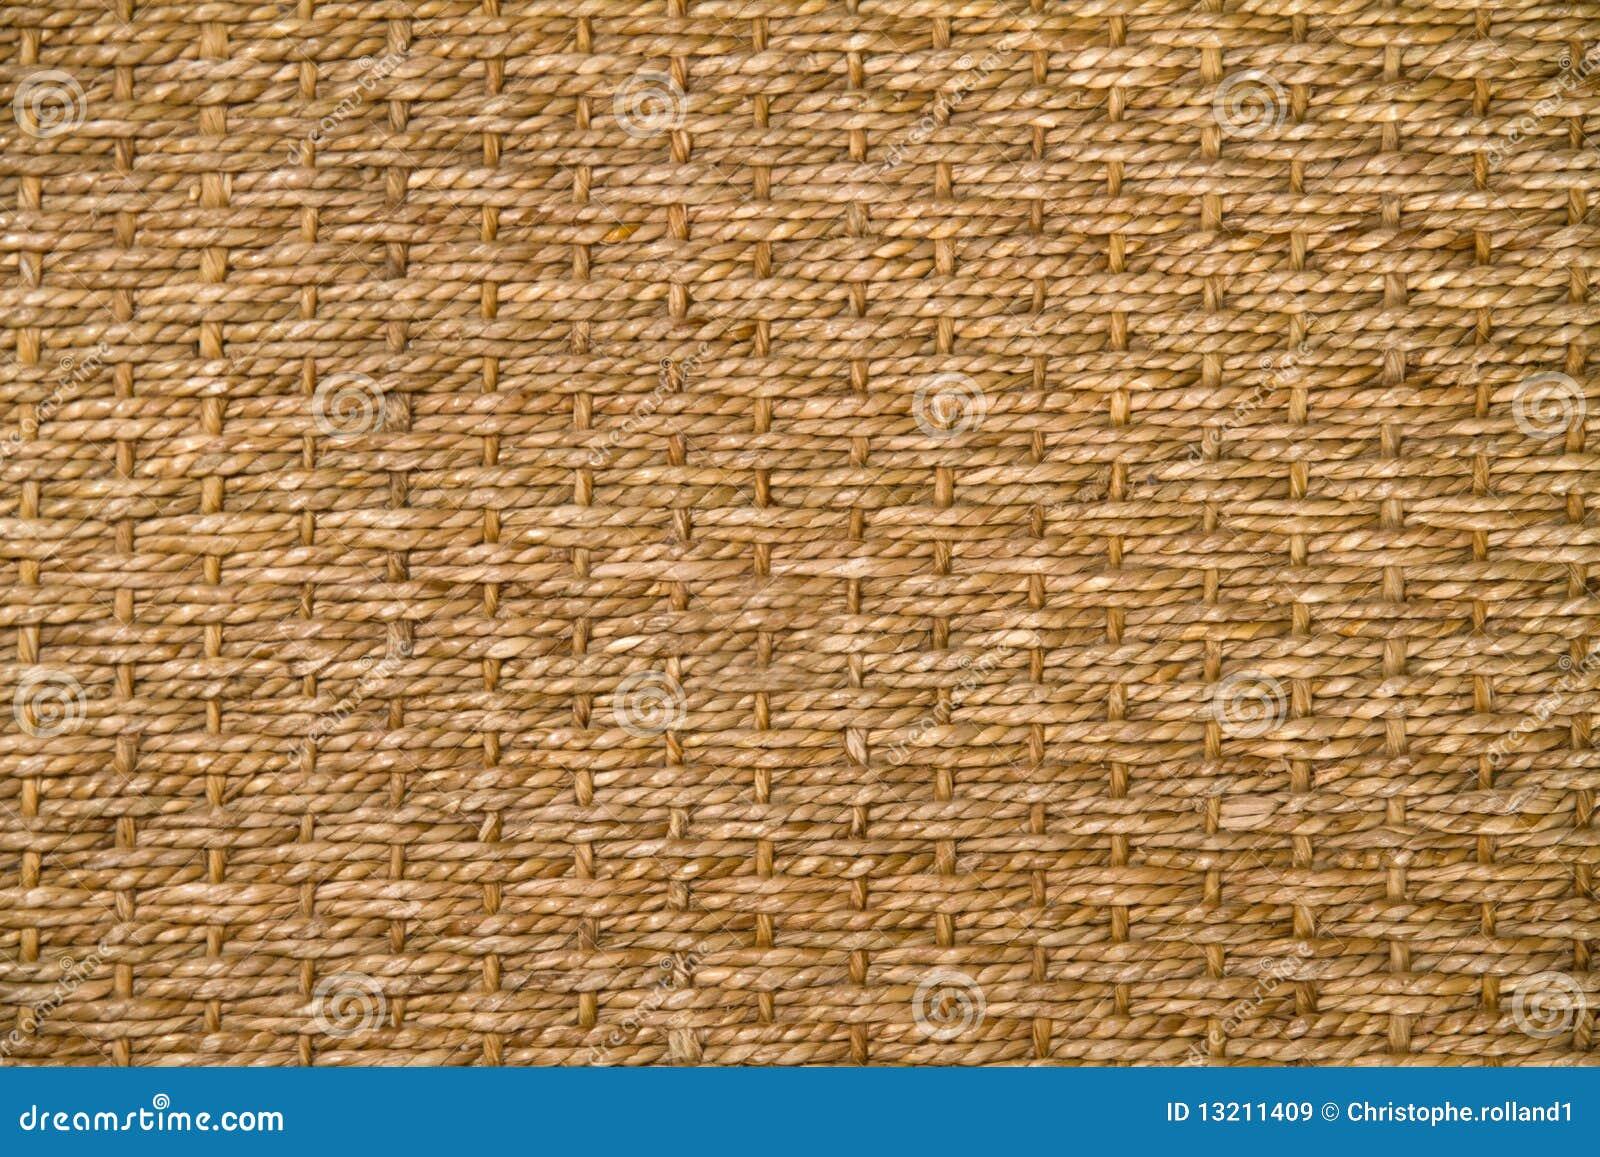 Matériau de sisal